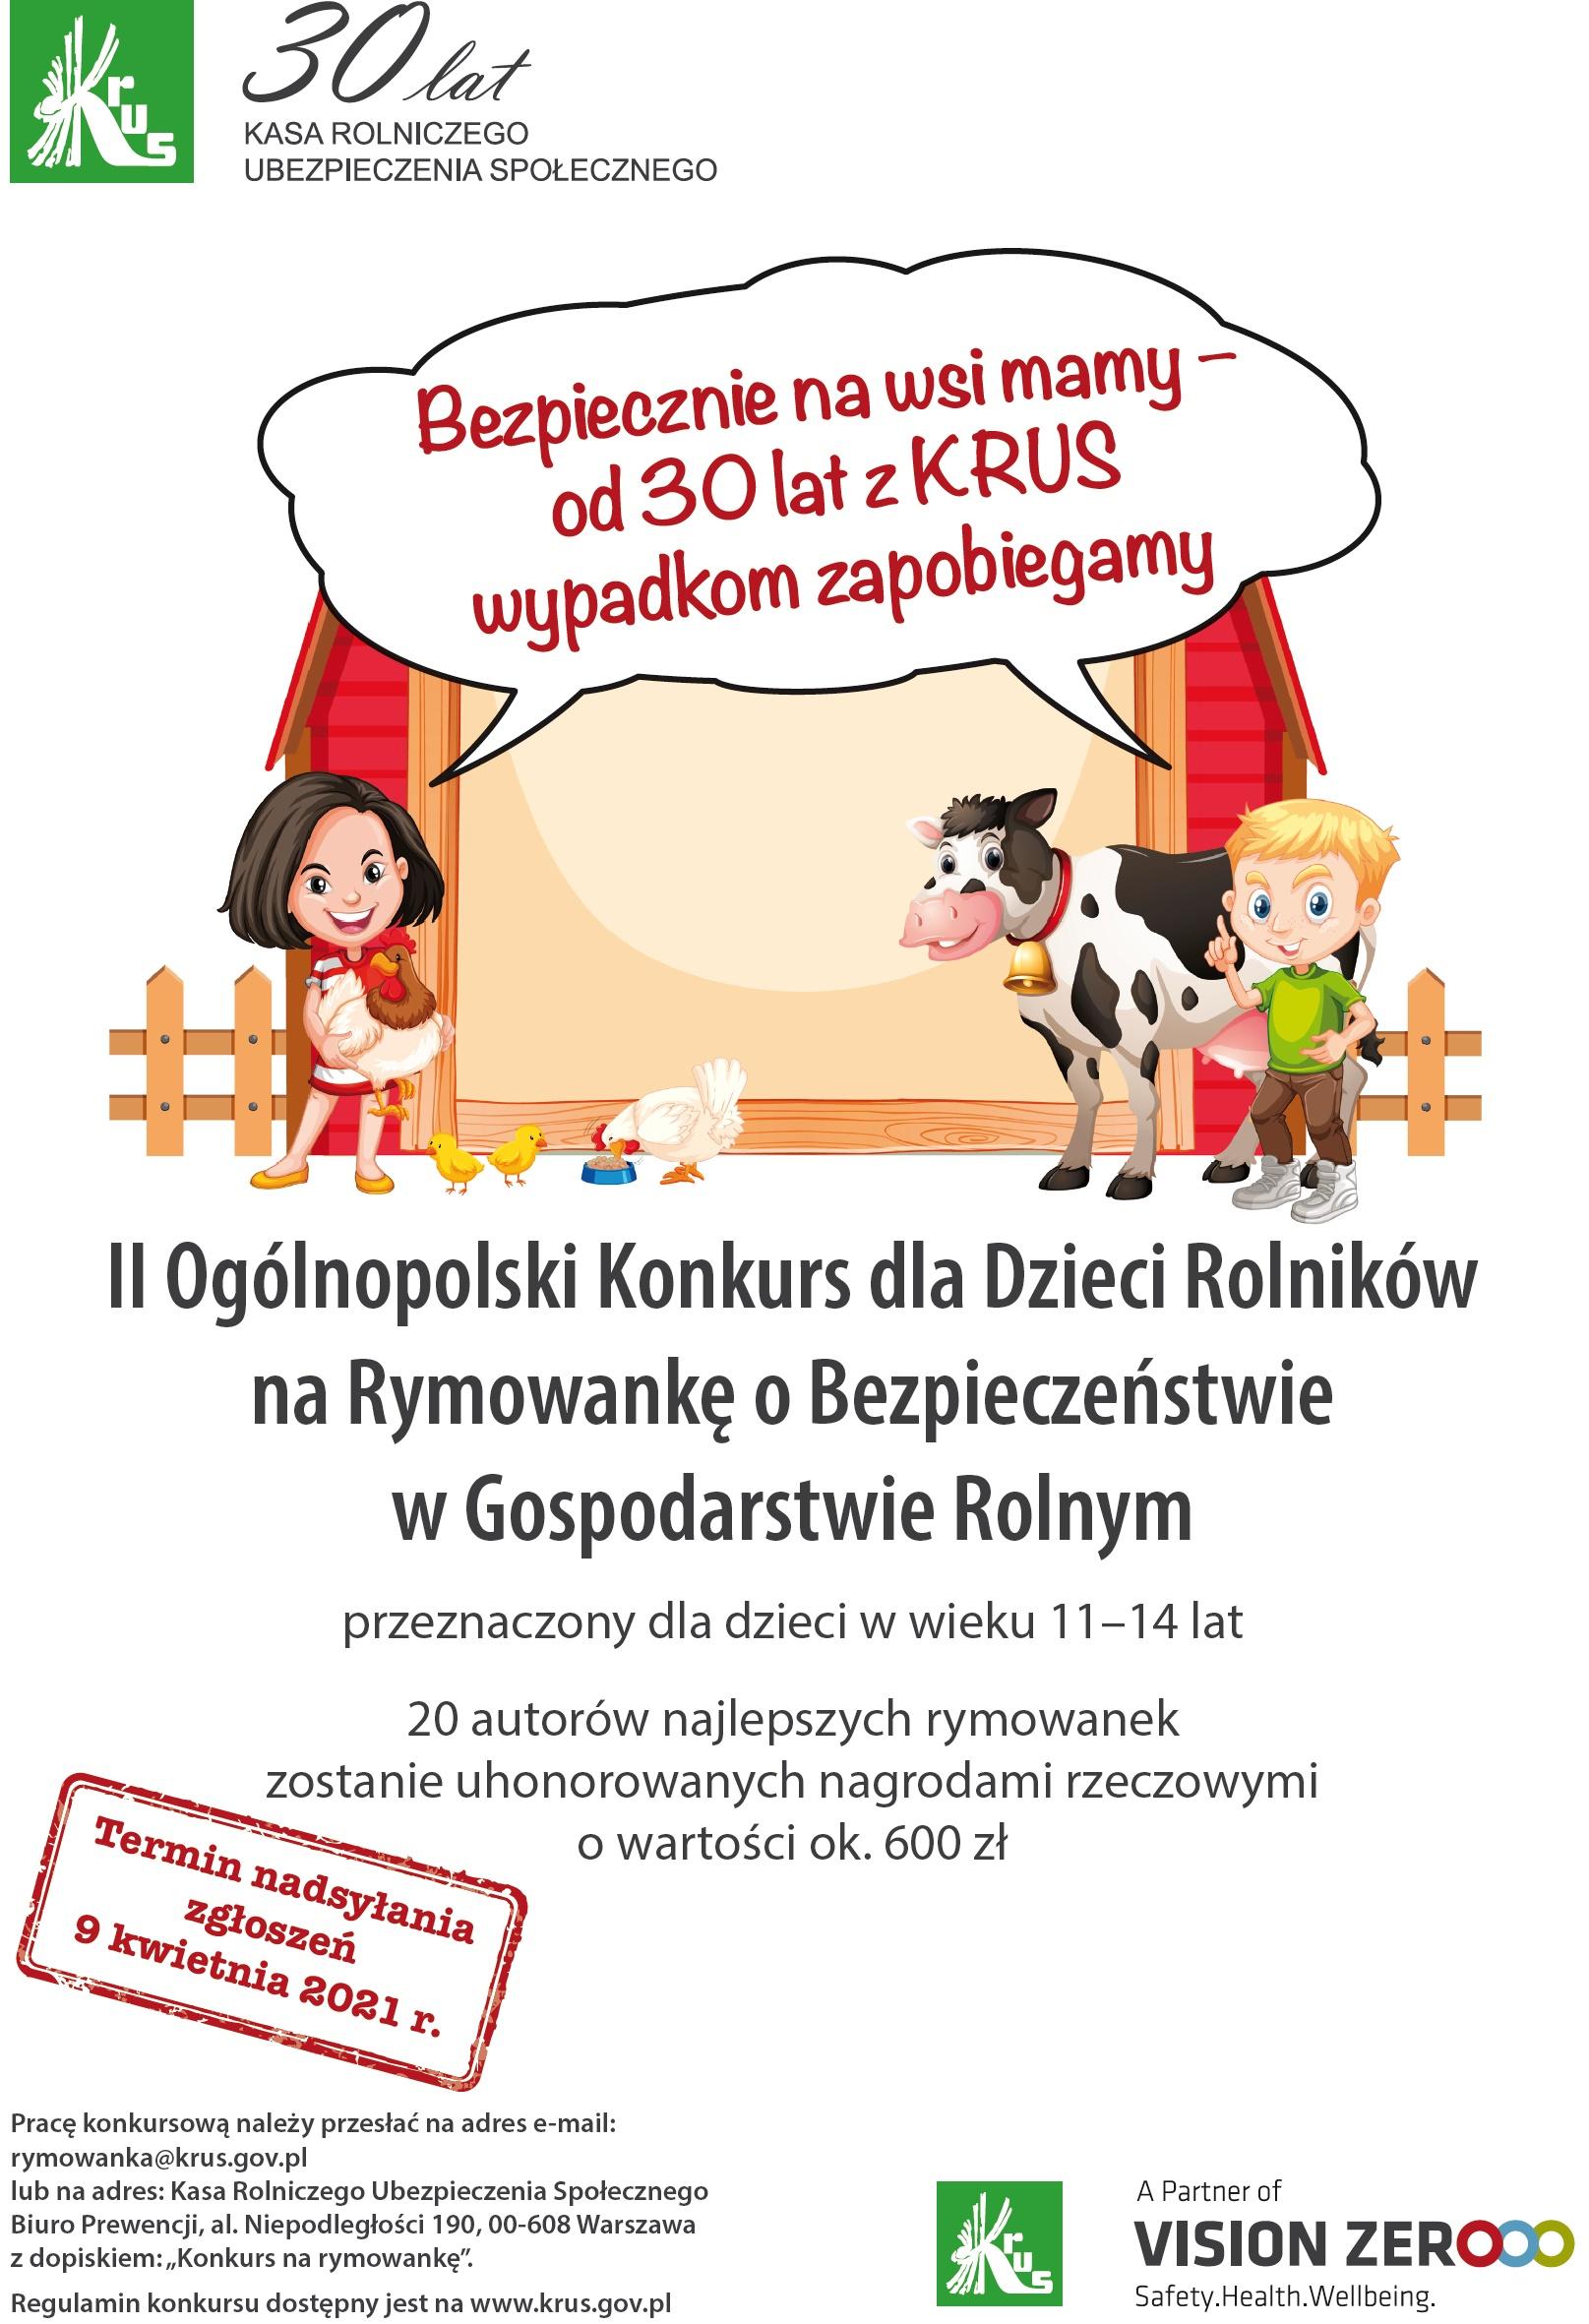 Kasa Rolniczego Ubezpieczenia Społecznego ogłasza II edycję Ogólnopolskiego Konkursu dla Dzieci na Rymowankę o Bezpieczeństwie w Gospodarstwie Rolnym i zaprasza dzieci w wieku od 11 do 14 lat, których przynajmniej jeden z rodziców lub opiekun prawny podlega ubezpieczeniu społecznemu rolników w okresie przyjmowania zgłoszeń do Konkursu.